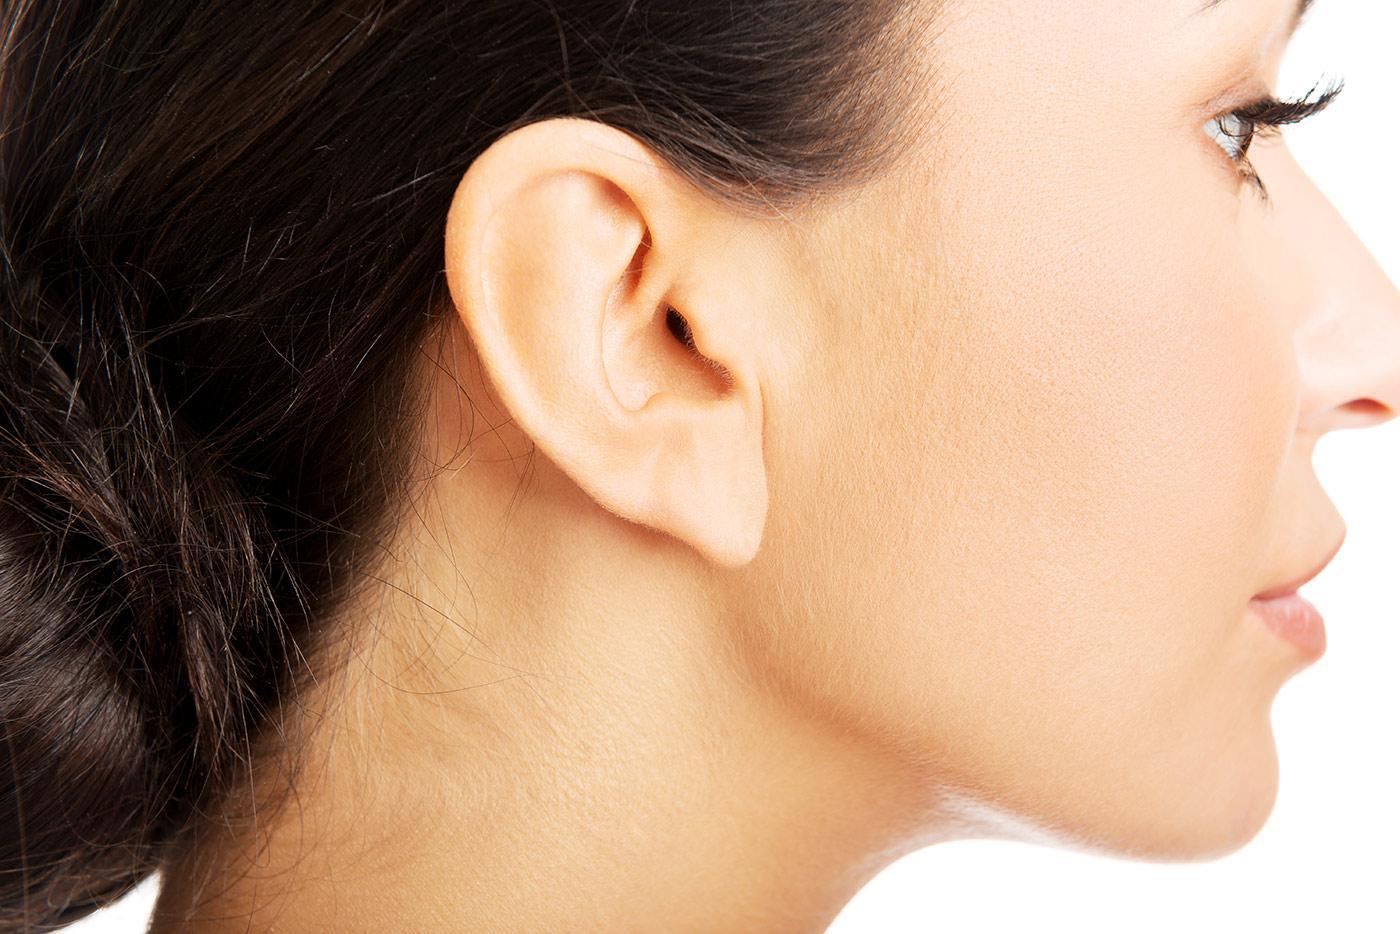 Отомикоз: симптомы, причины, лечение и профилактика